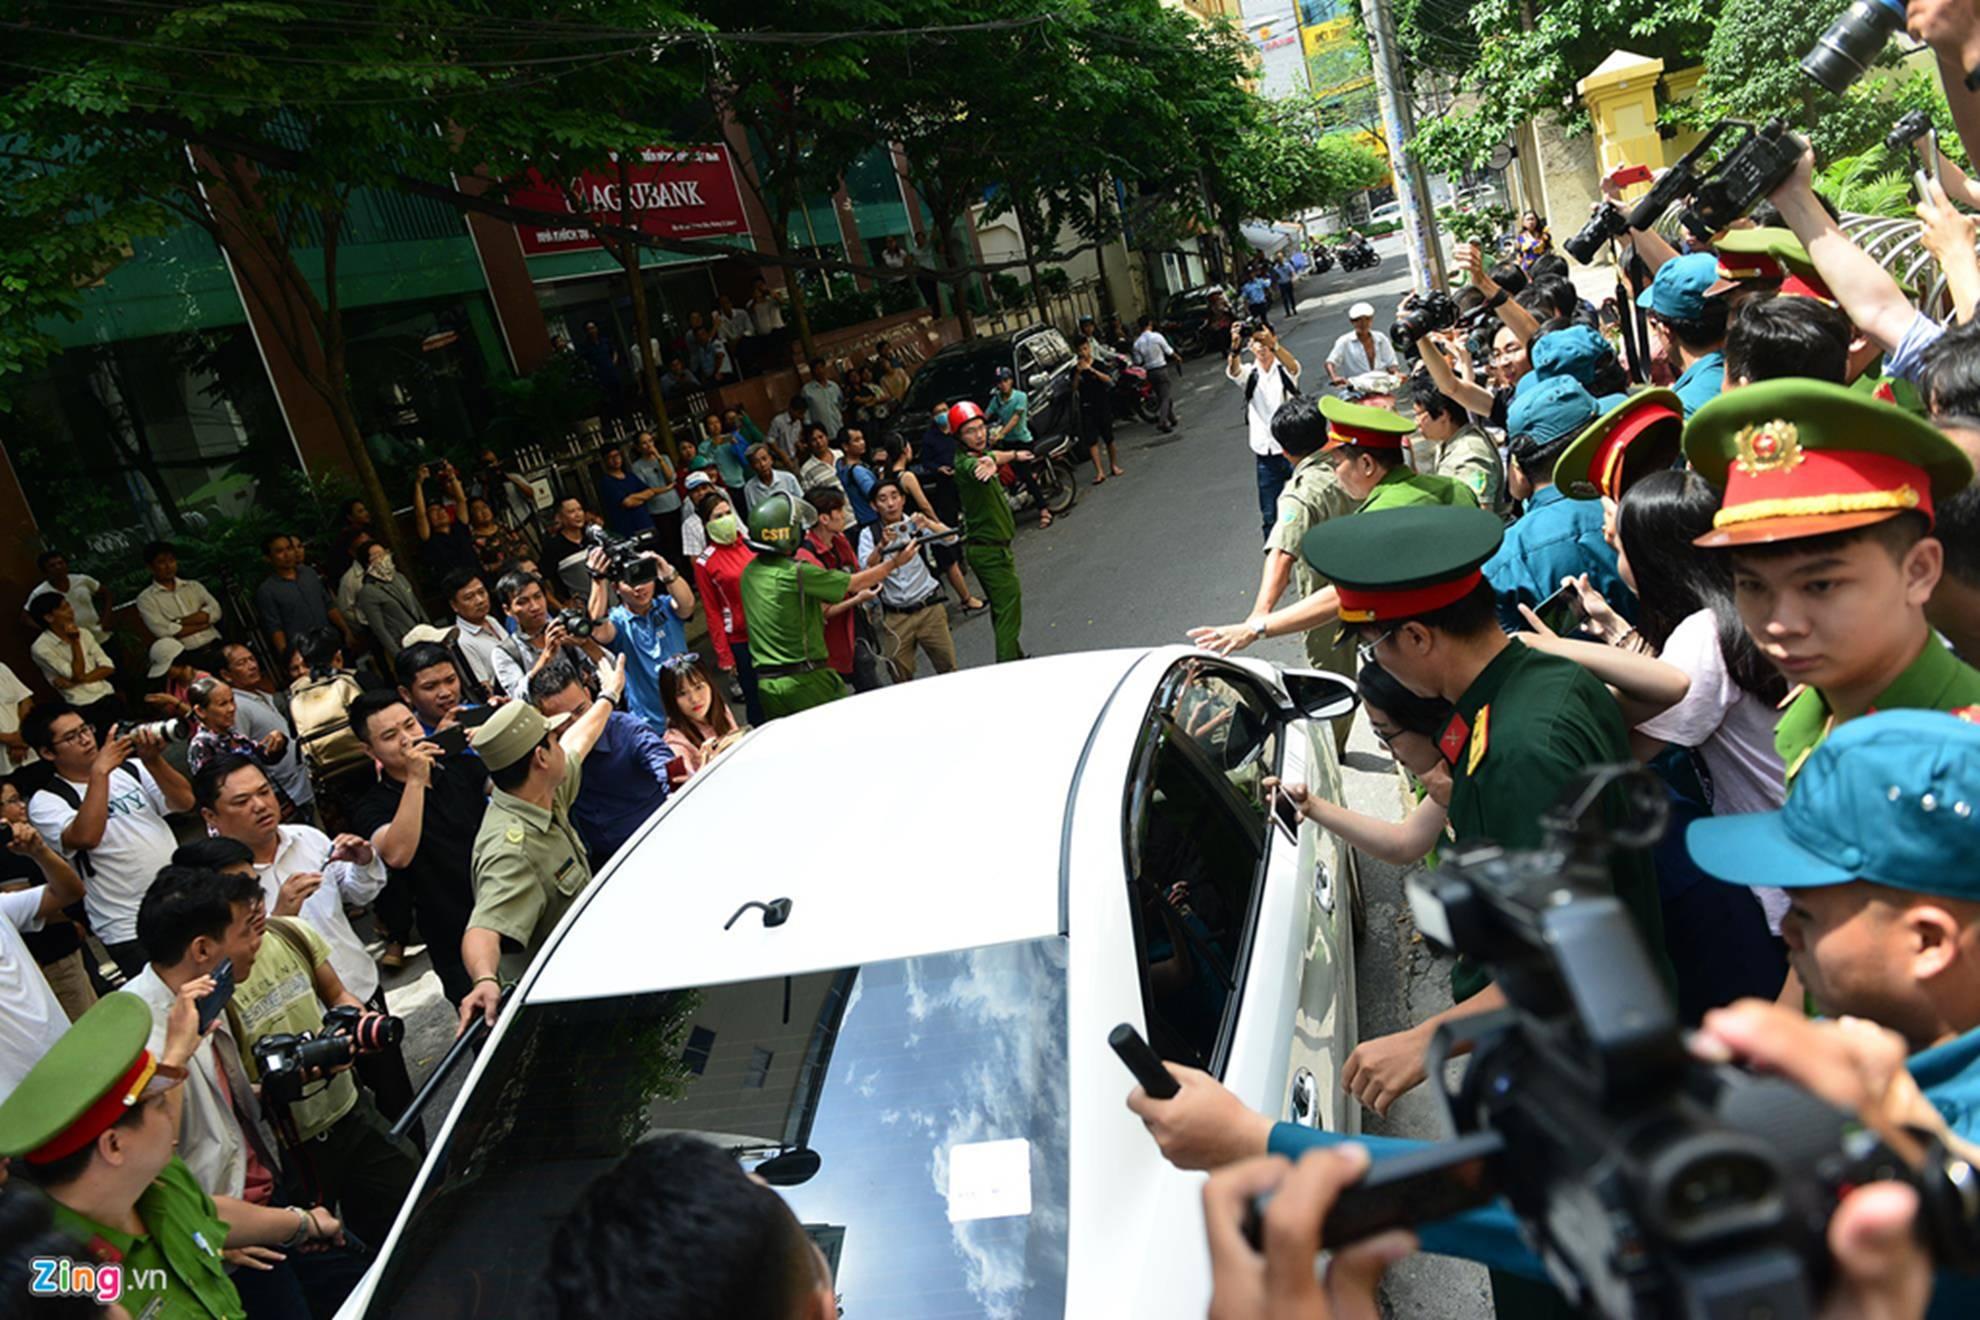 Hàng chục cảnh sát hộ tống Nguyễn Hữu Linh rời tòa-9